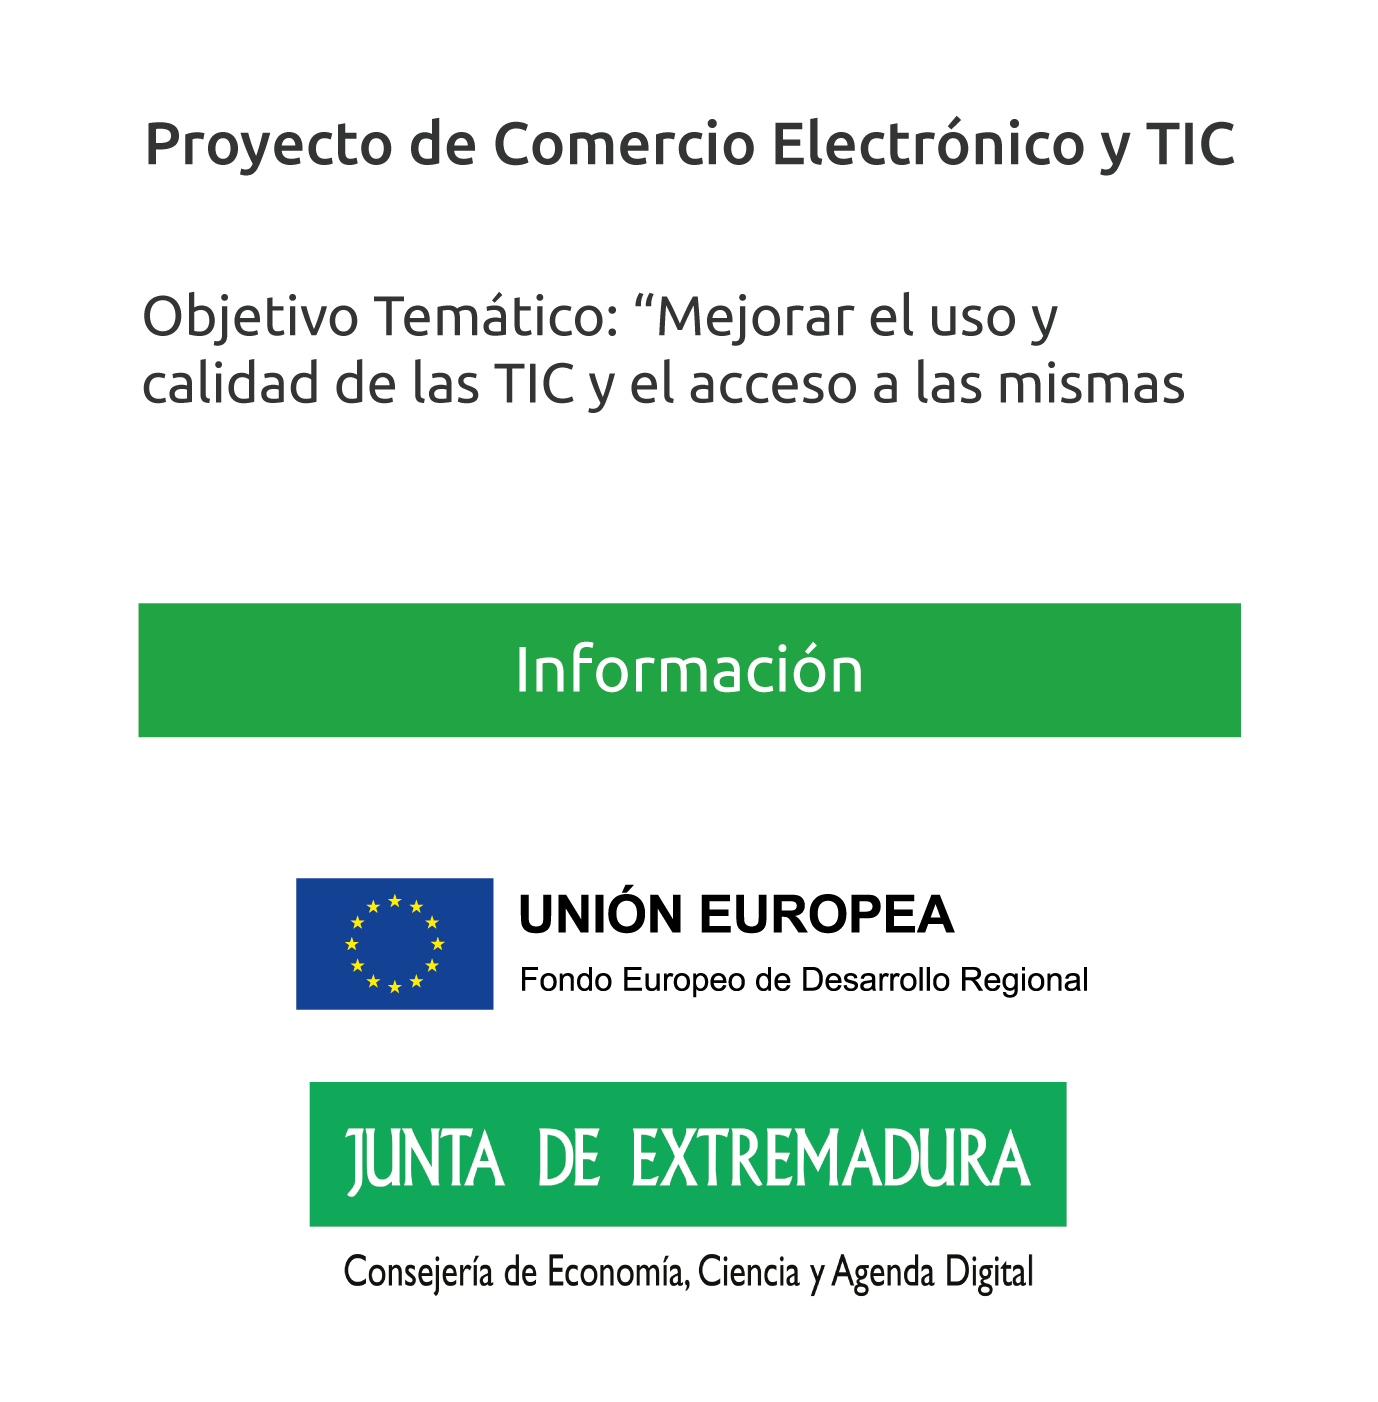 Proyecto de Comercio Electrónico y TIC